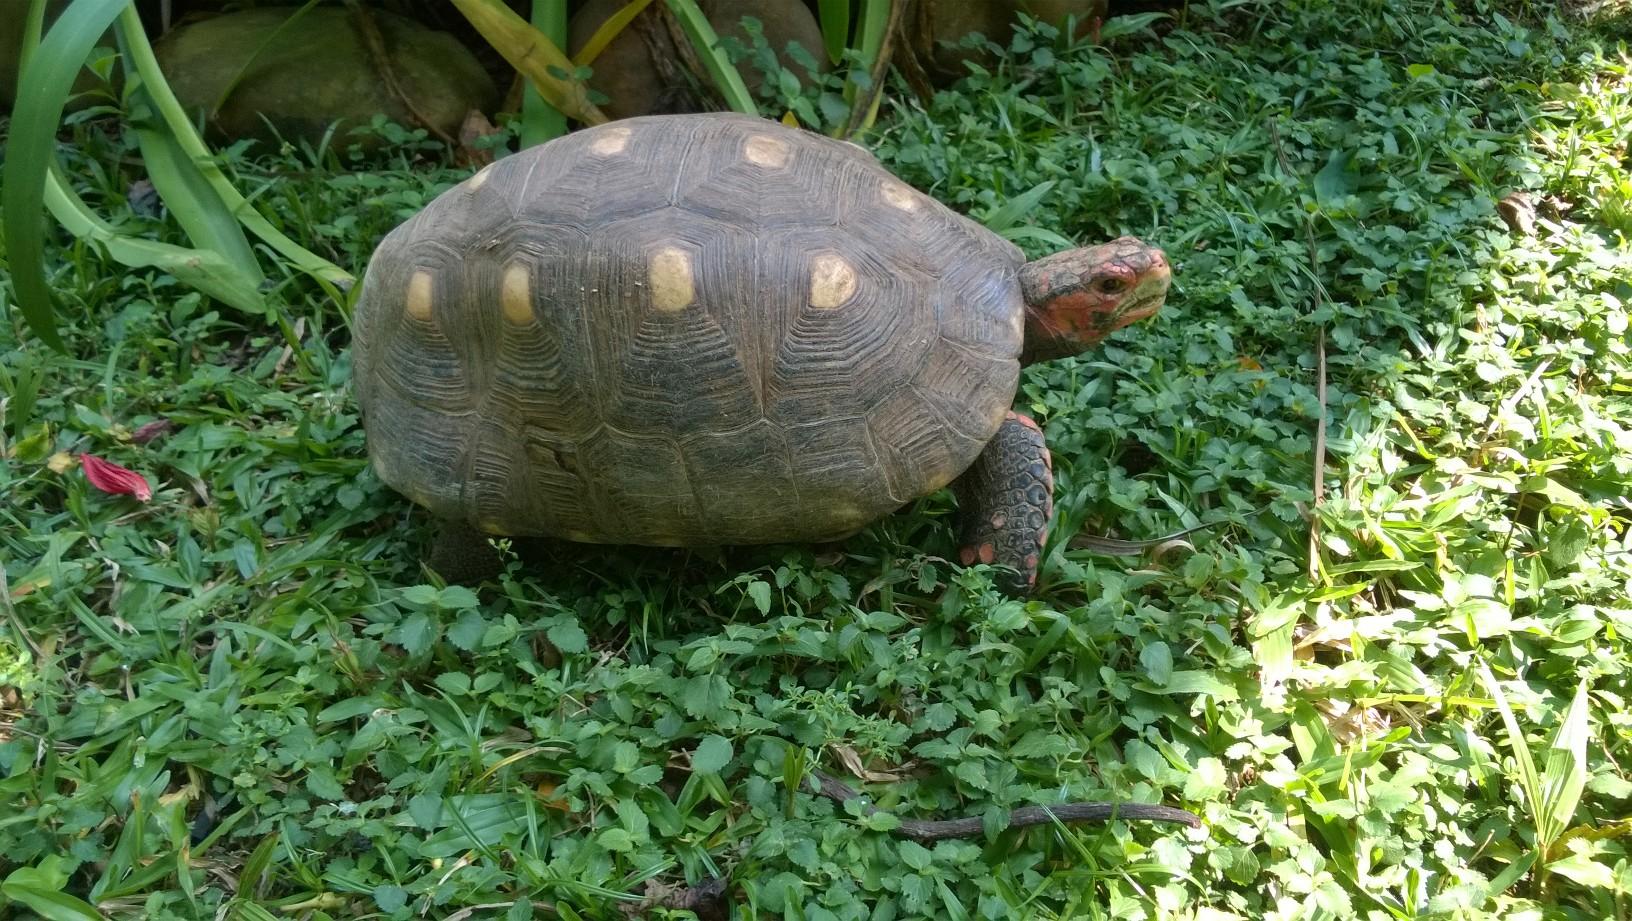 tartaruga_posição_sul_hemisferio_sul